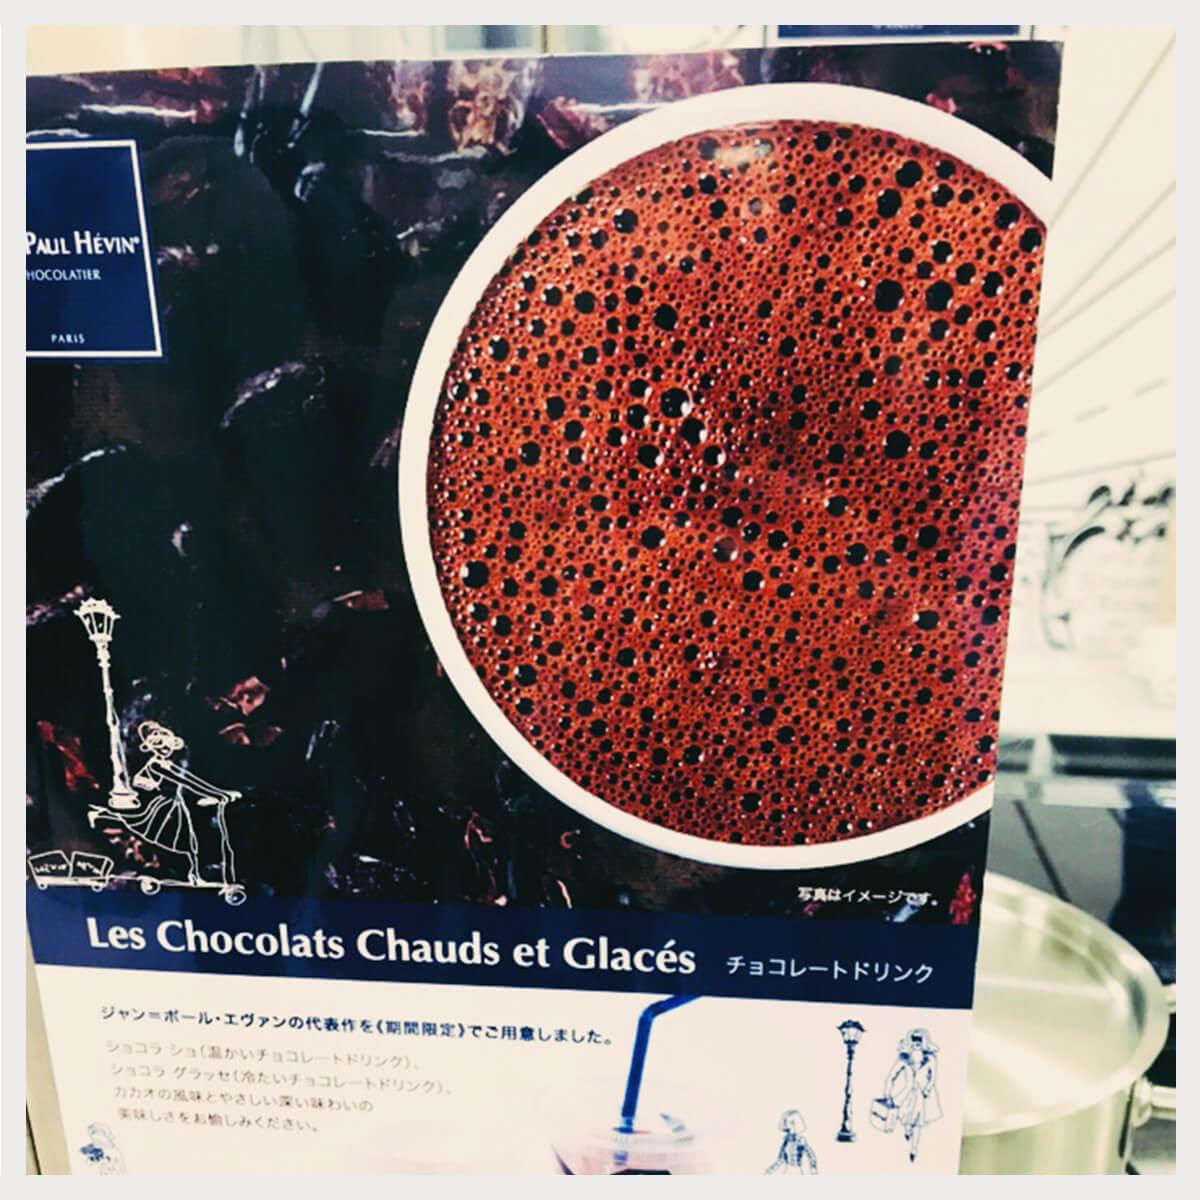 ジャンポールエヴァンのチョコレートドリンクのポスター